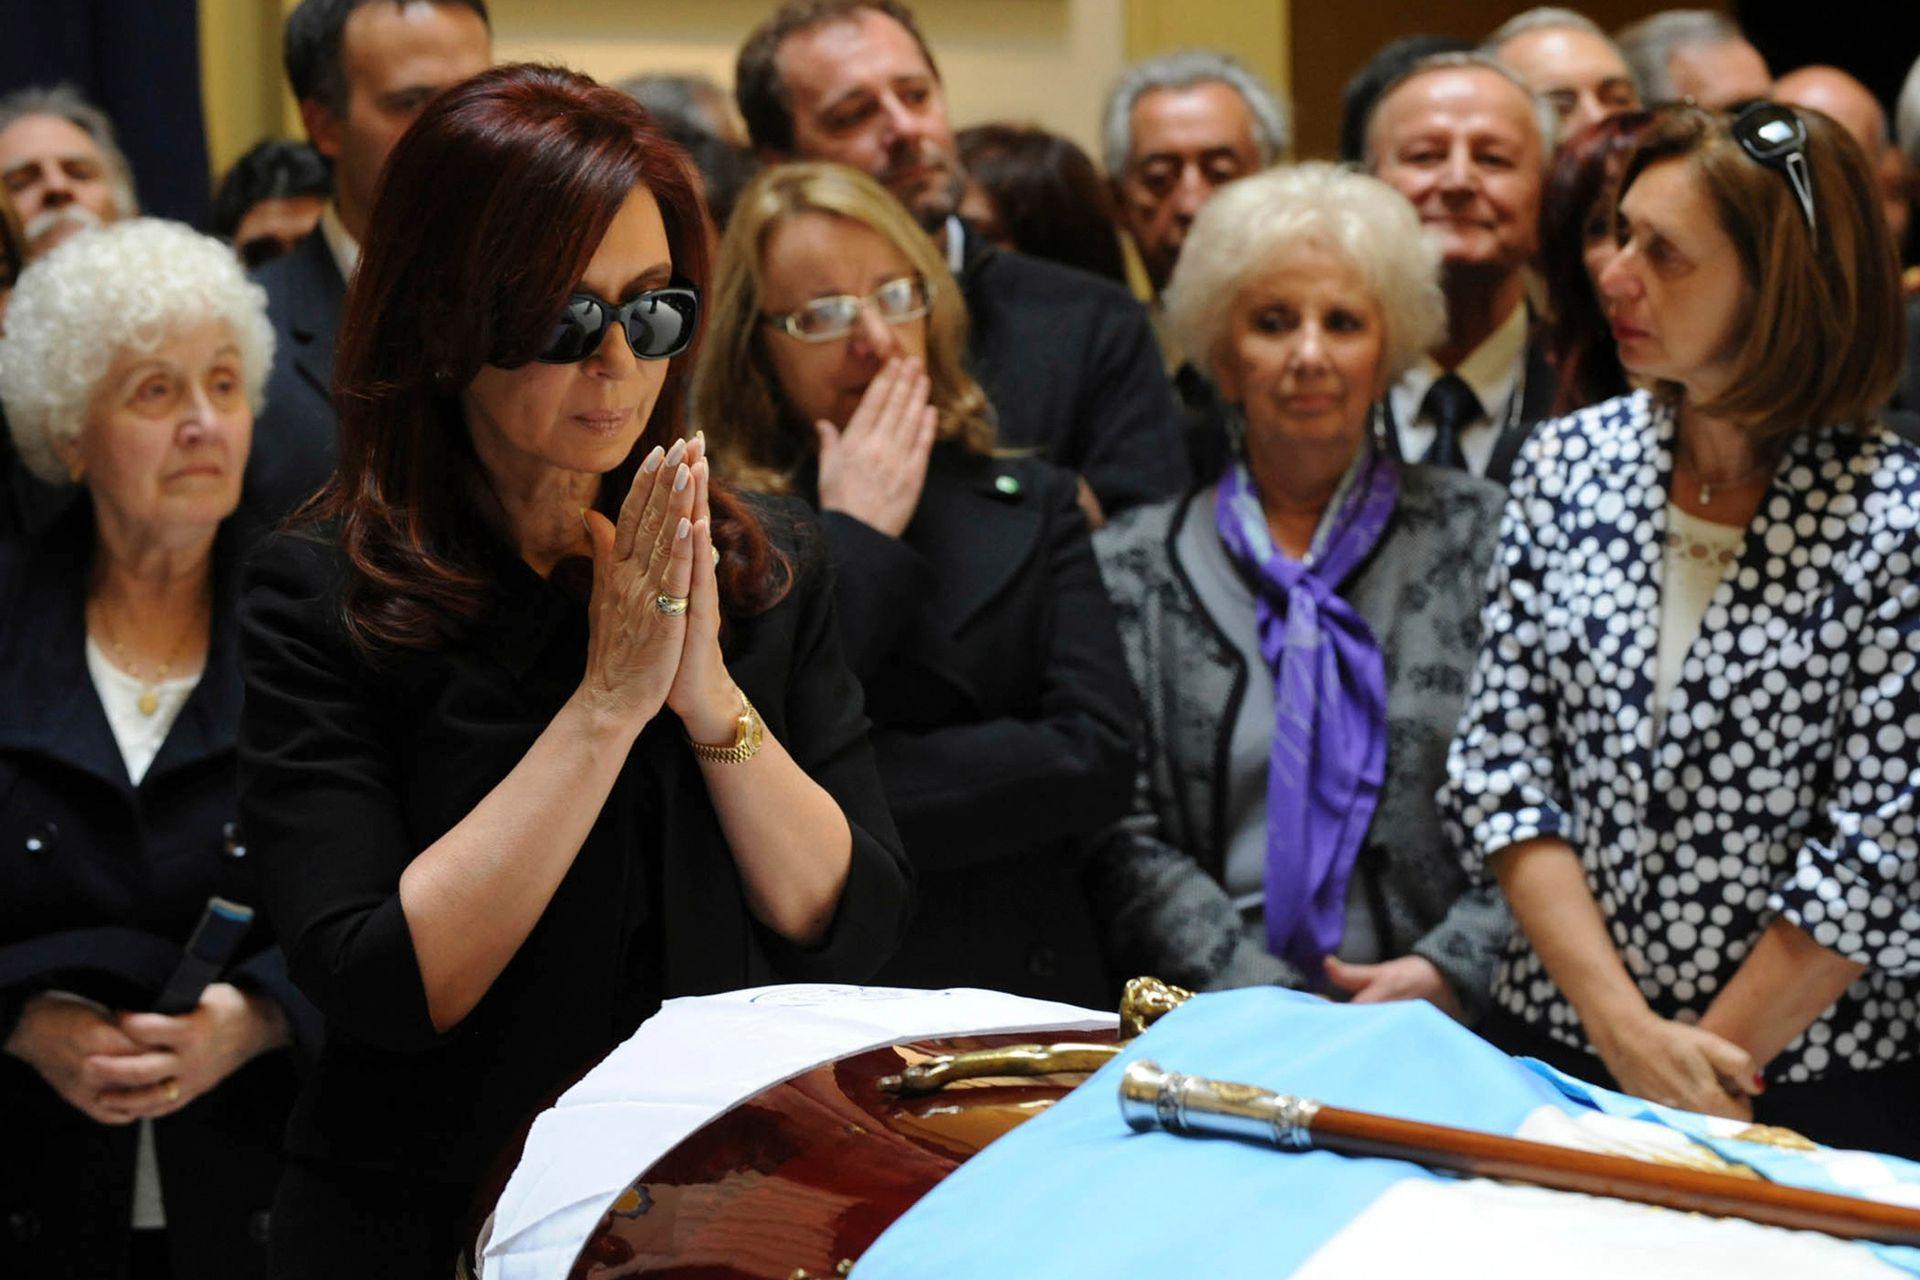 Cristina Kirchner, en el velatorio de Néstor Kirchner; detrás de ella, su cuñada Alicia Kirchner y Estela de Carlotto